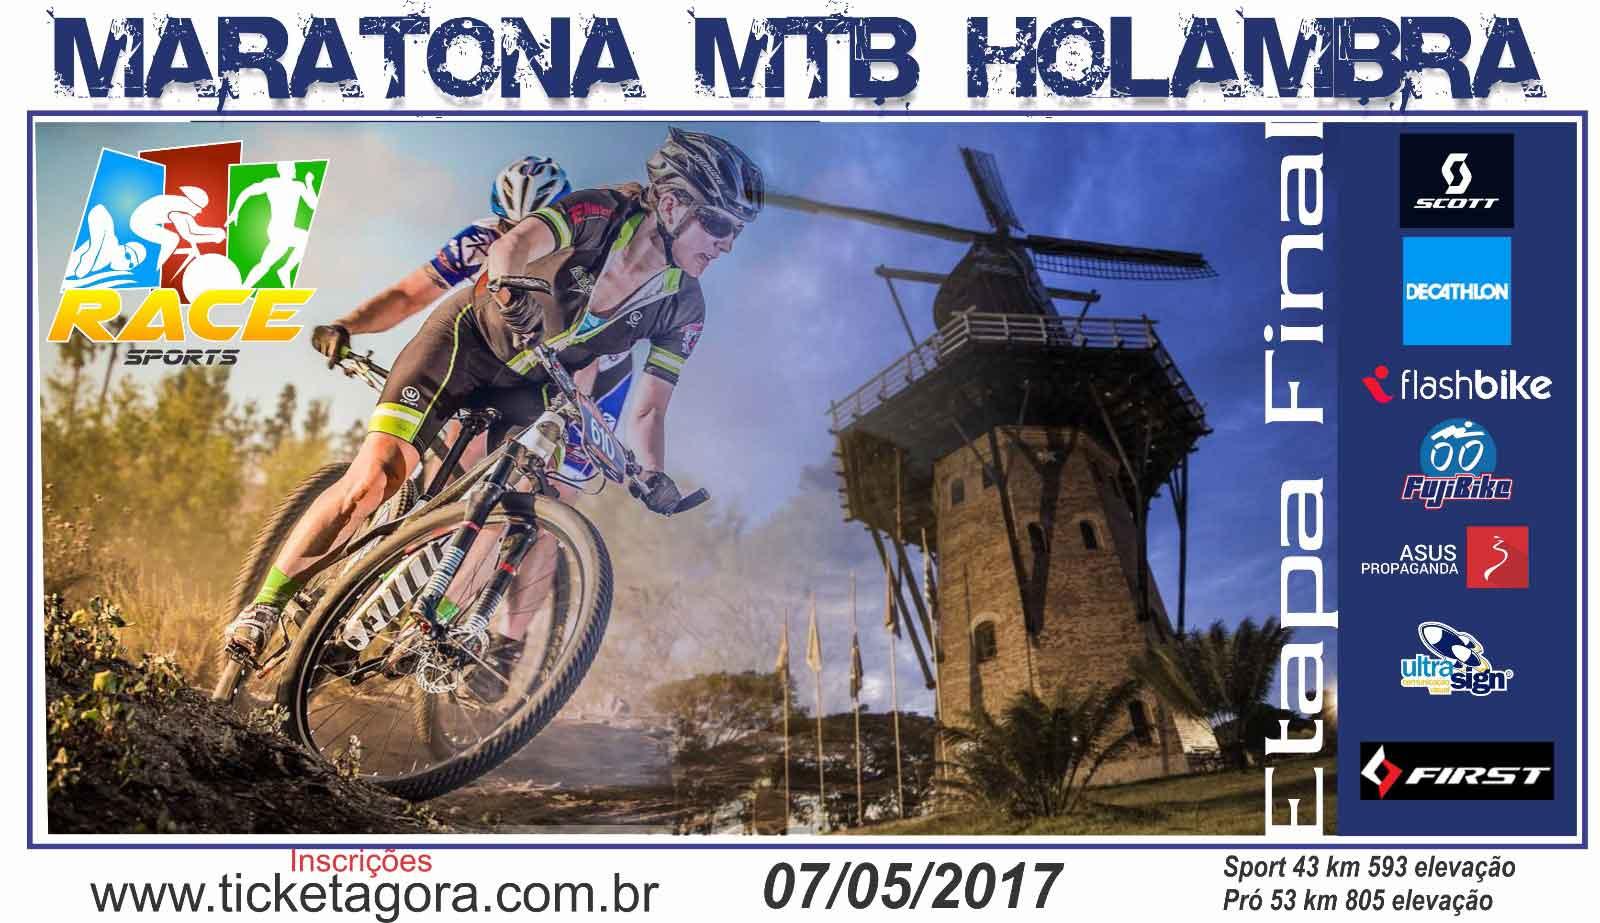 MARATONA RACE SPORTS MTB BIKE HOLAMBRA - Imagem de topo